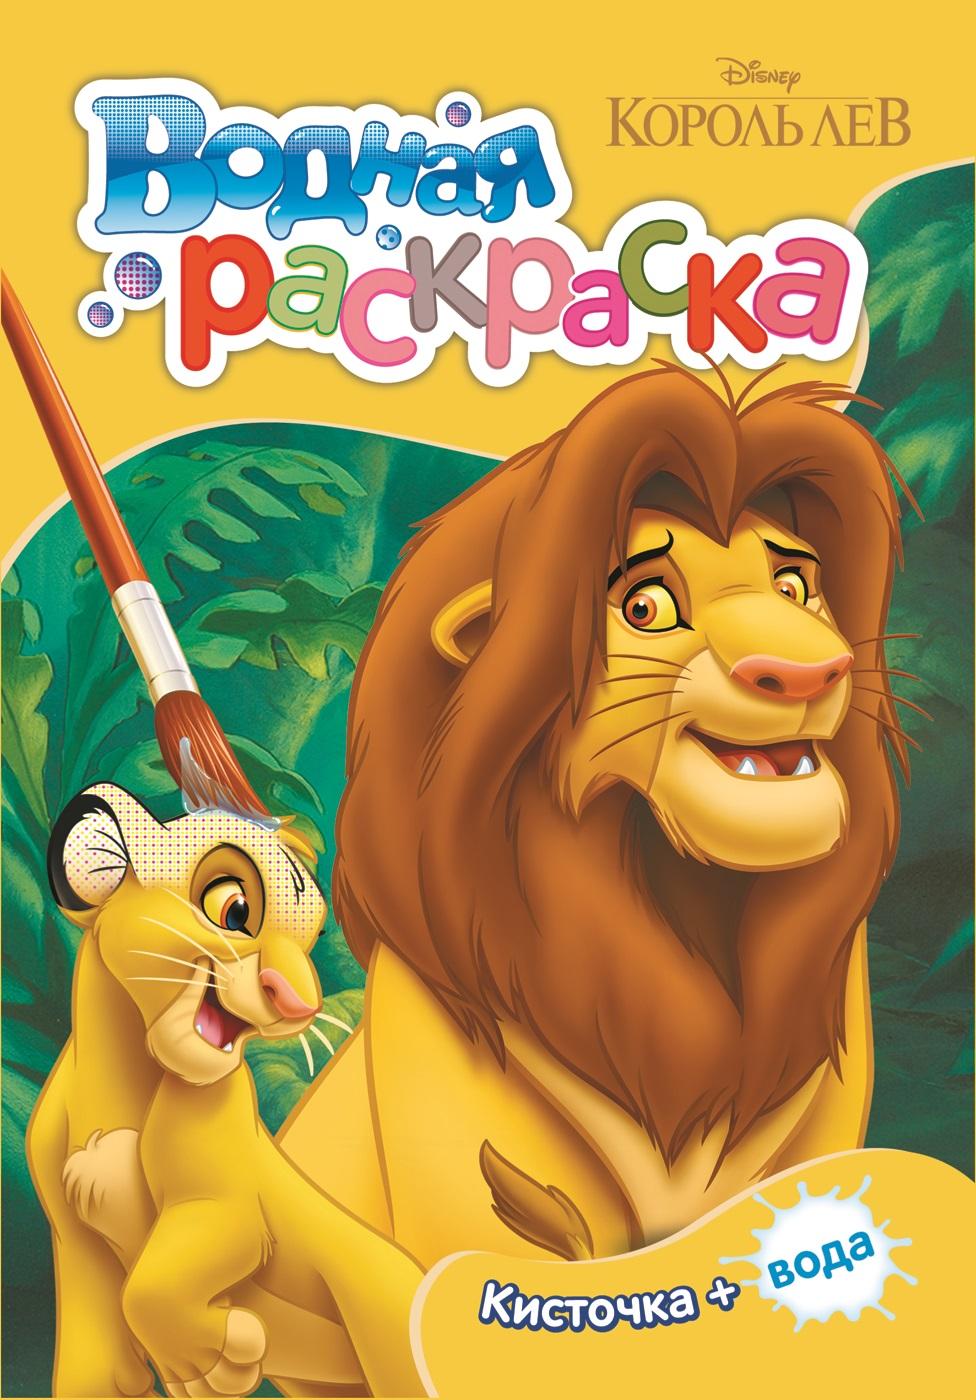 Котятова Н. И. Disney. Король Лев. Водная раскраска (мини) котятова н и вспыш водные раскраски мини оранжевая